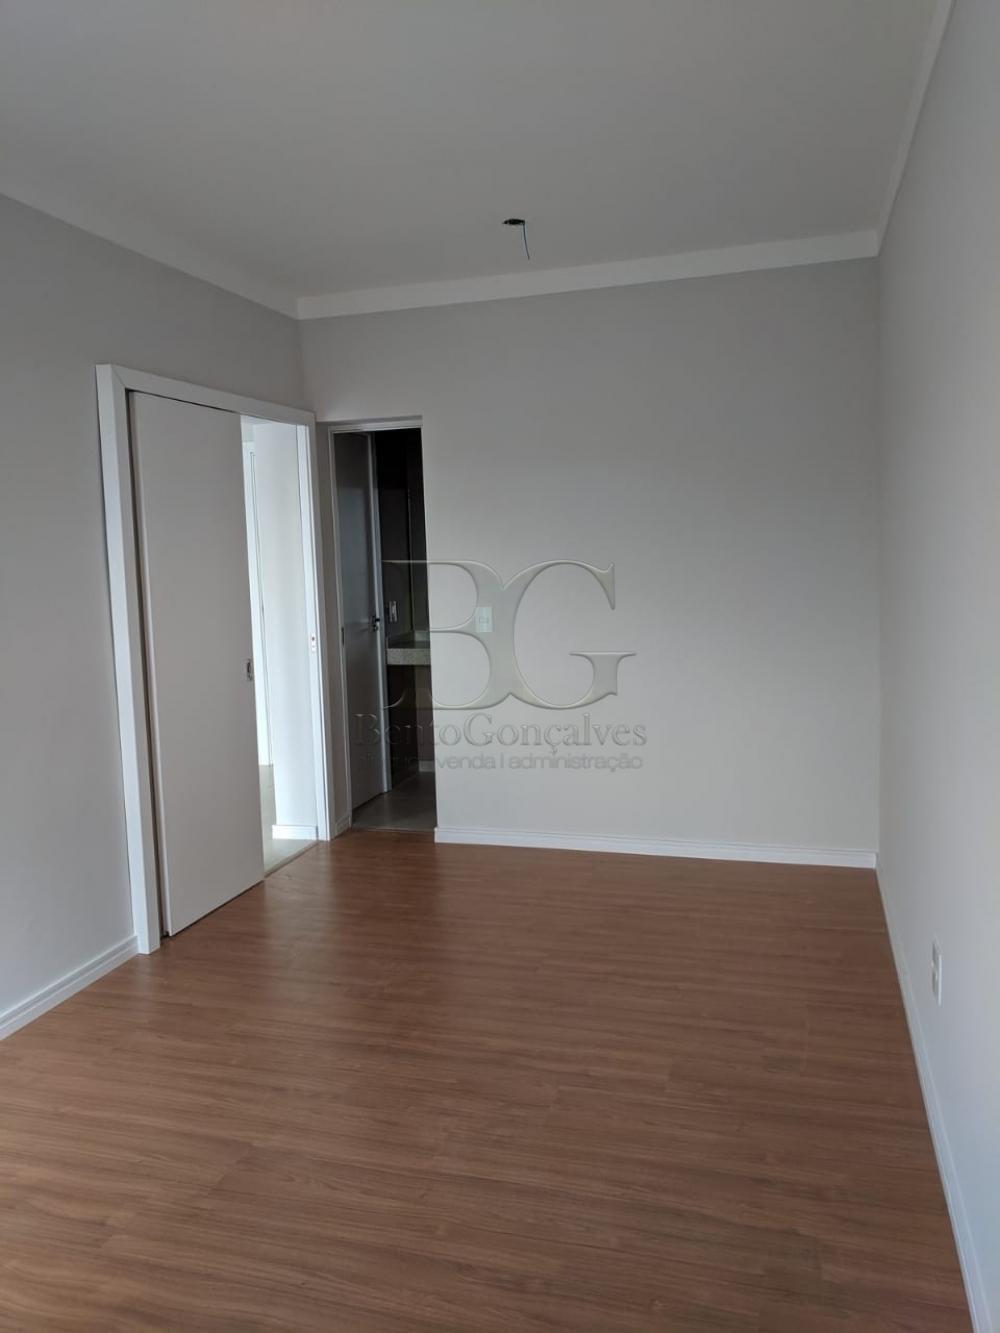 Comprar Apartamentos / Padrão em Poços de Caldas apenas R$ 225.000,00 - Foto 5